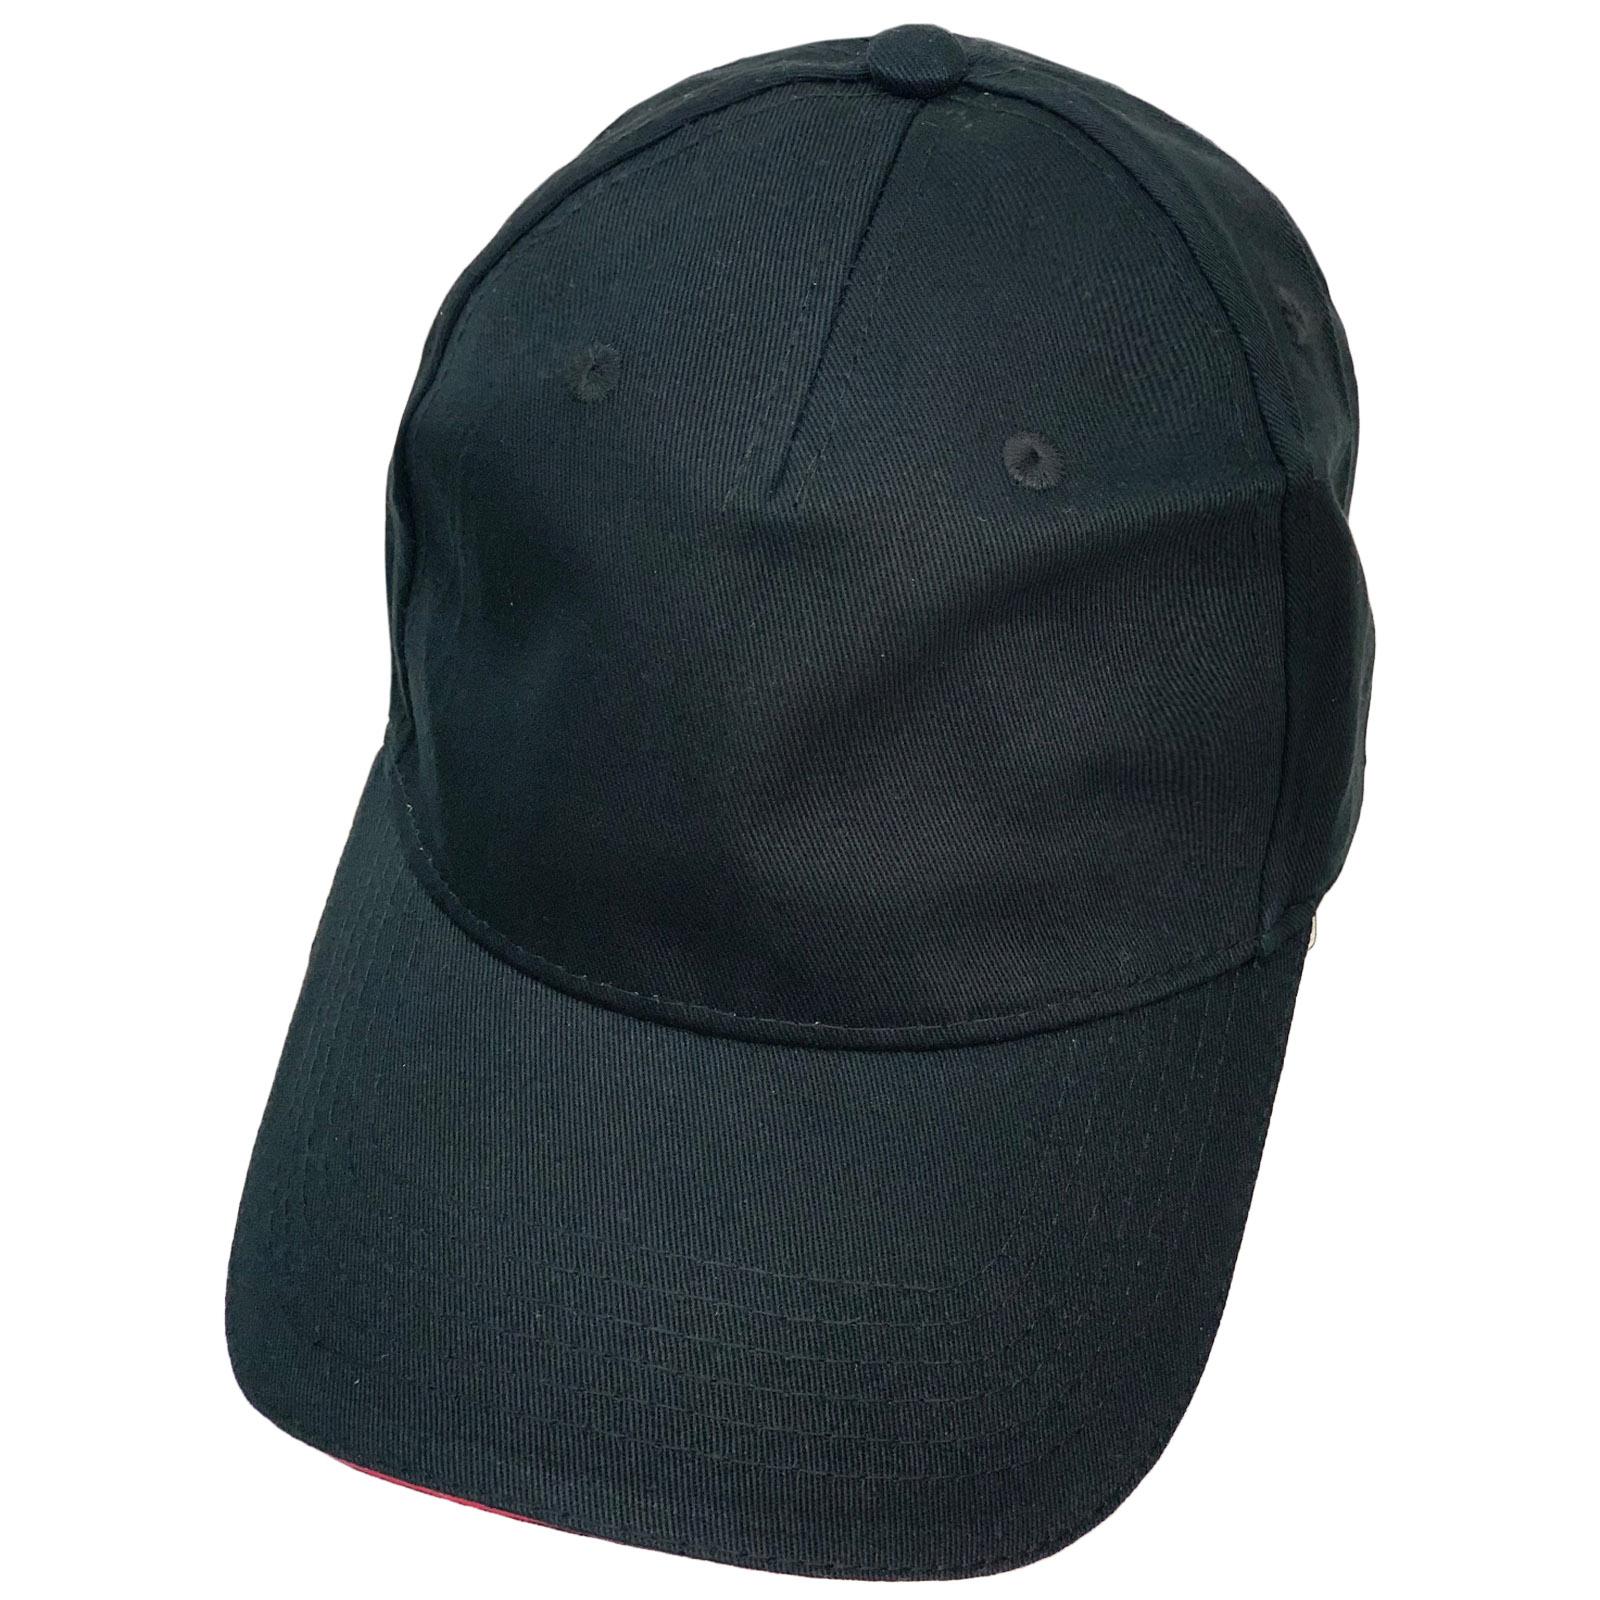 Бейсболка классического кроя черного цвета с красной каймой